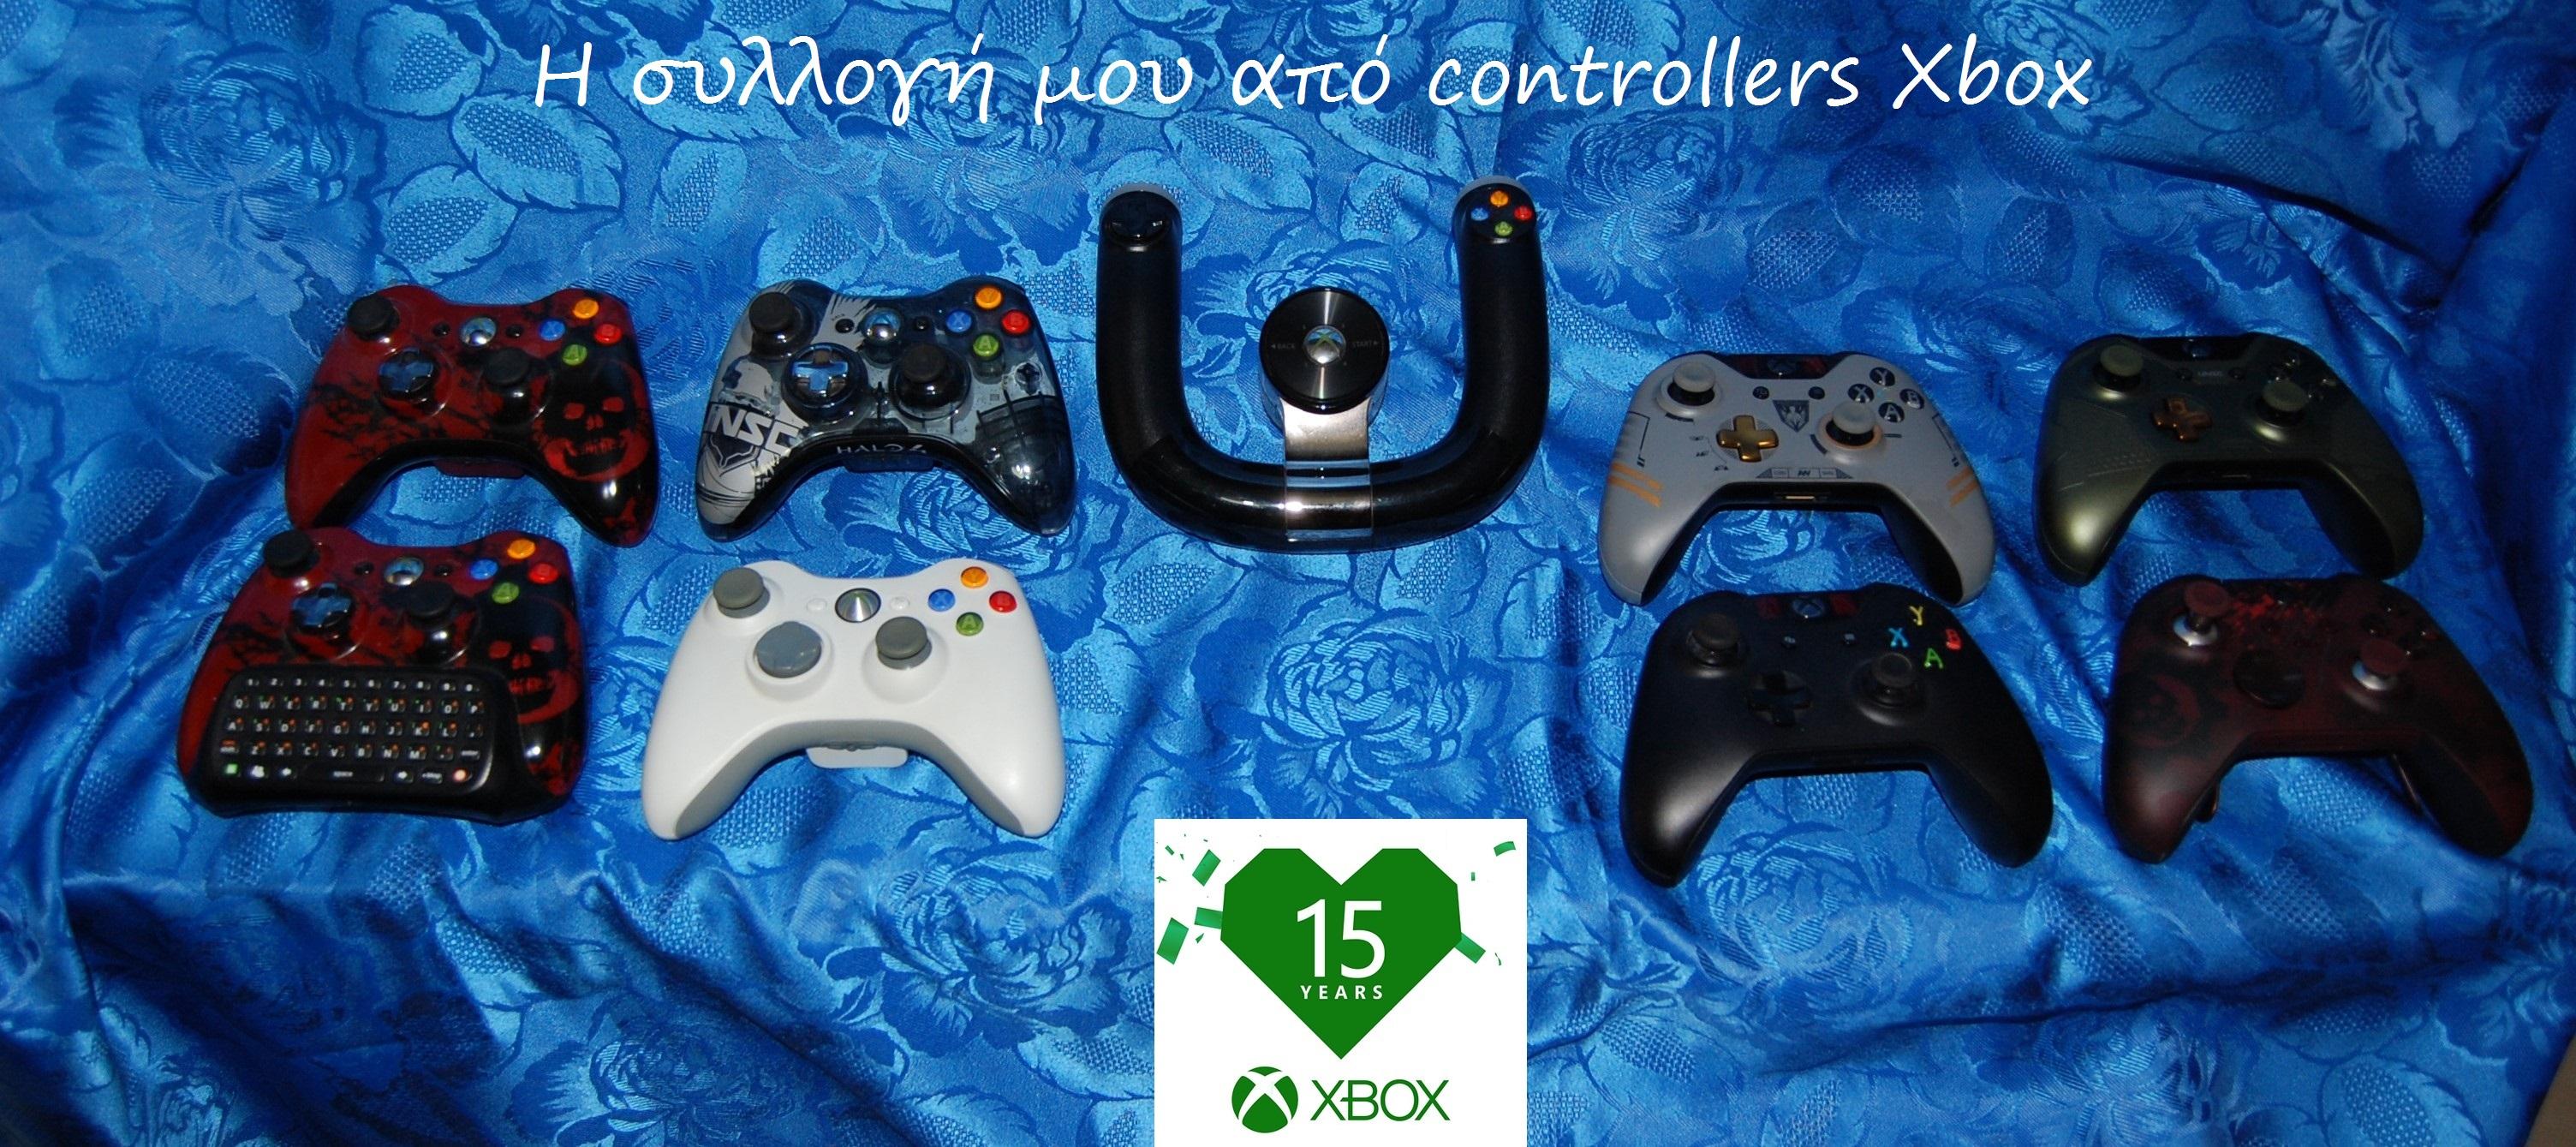 myxboxcontrollers.jpg